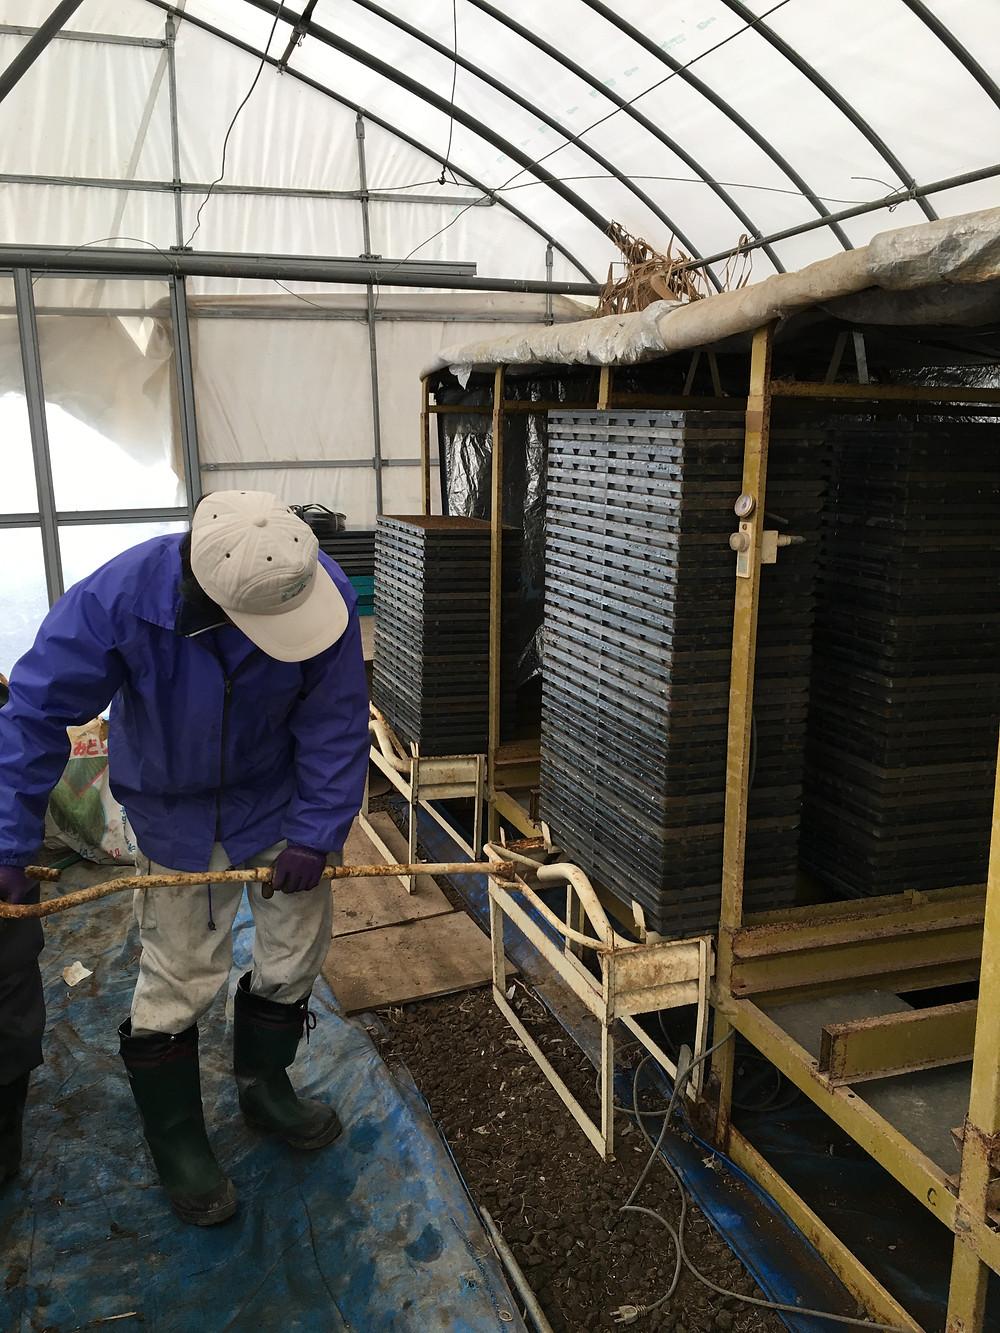 種籾を温める機械に入れている様子